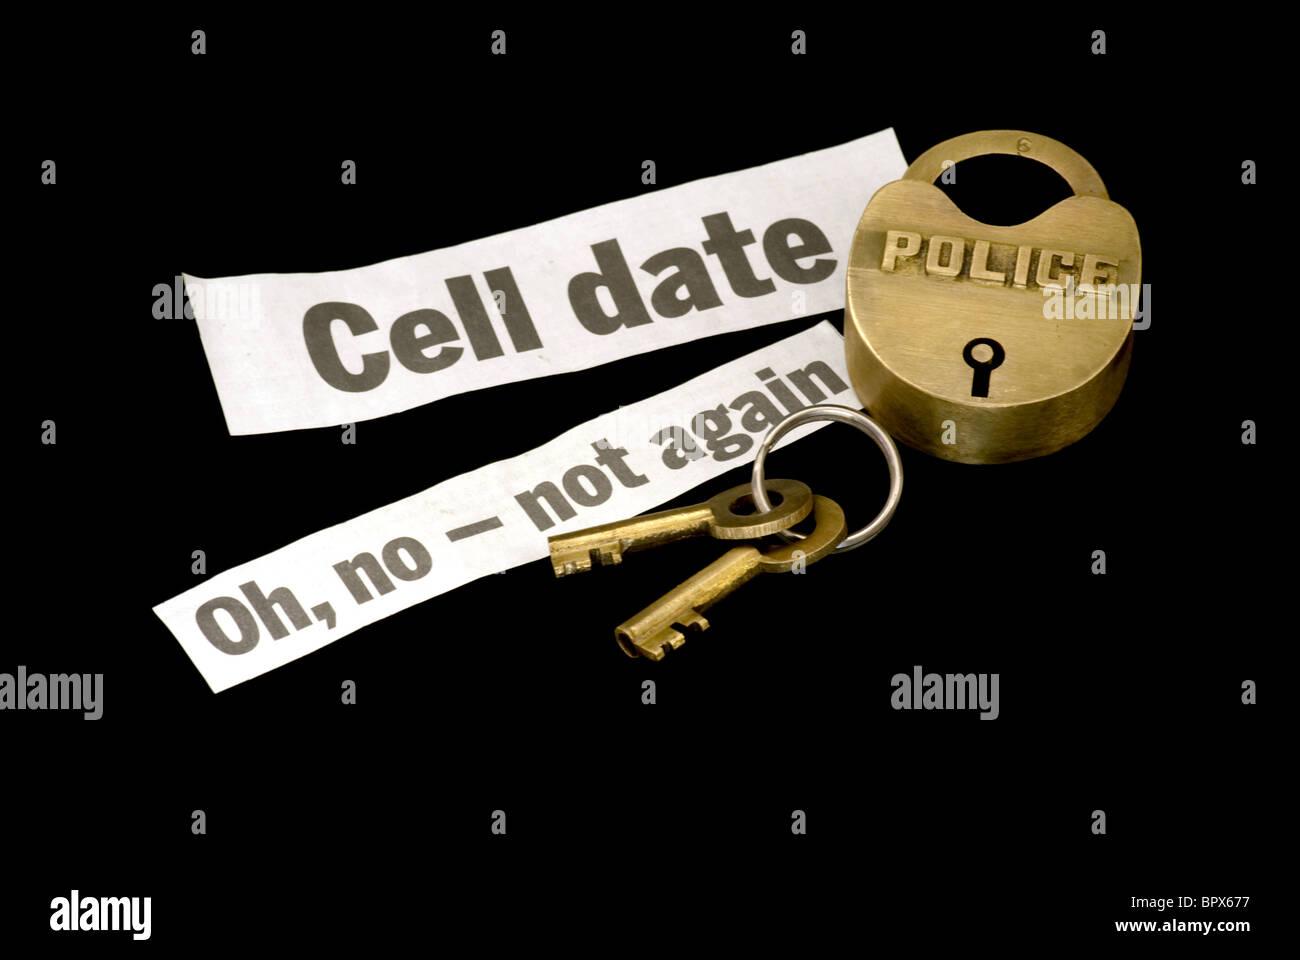 Polizei-Schloss und Schlüssel mit Gefängnis-Zelle-Datum-Warnung als ein Wiederholungstäter Stockfoto